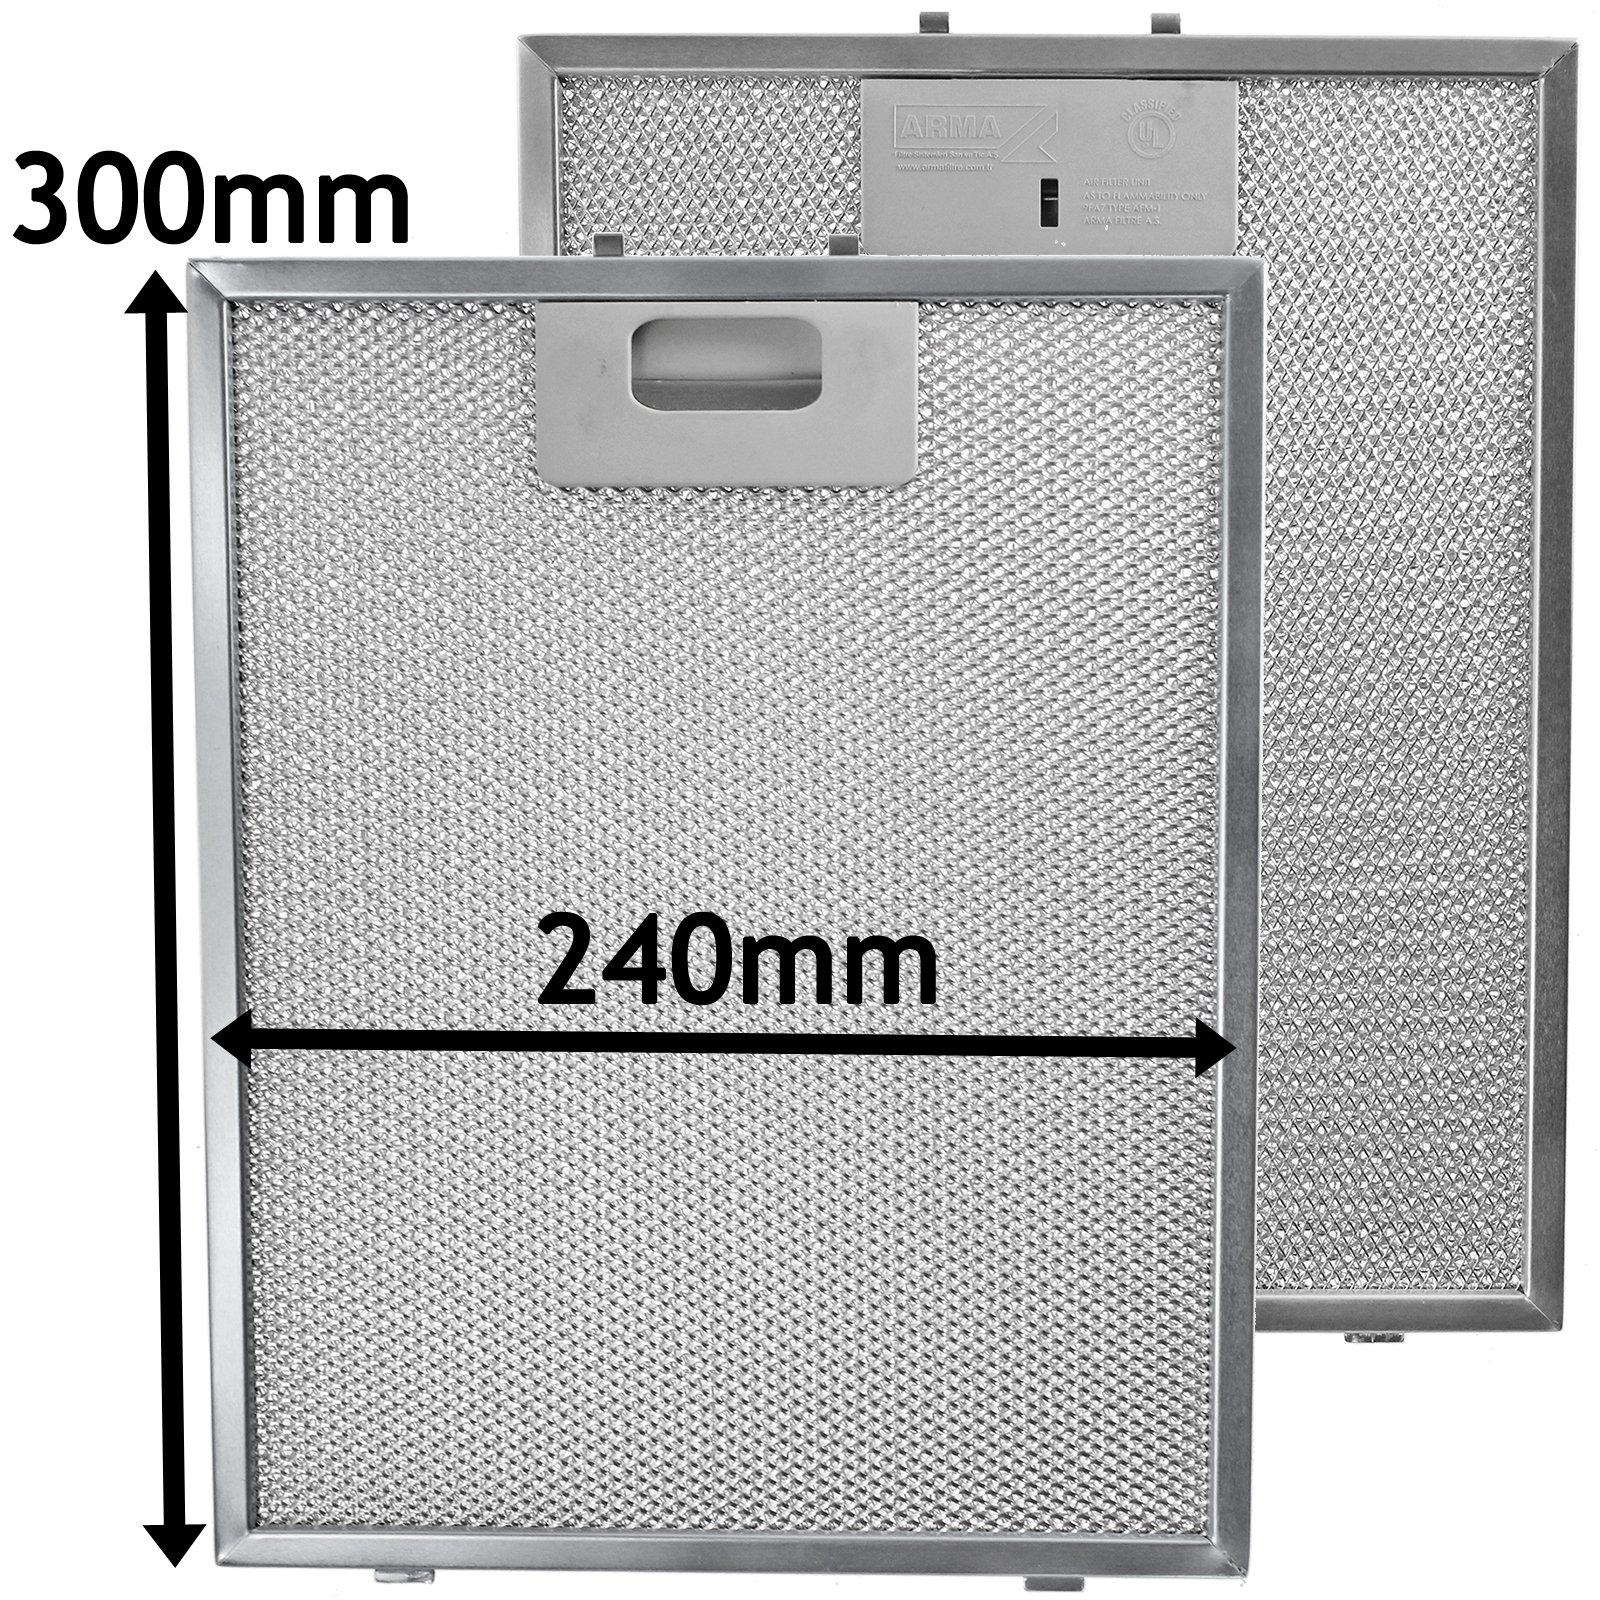 Spares2go Malla Metálica Filtro para Indesit Campana extractora/cocina Extractor Ventilación (Pack de 2 filtros, Plata, 300 x 240 mm): Amazon.es: Hogar